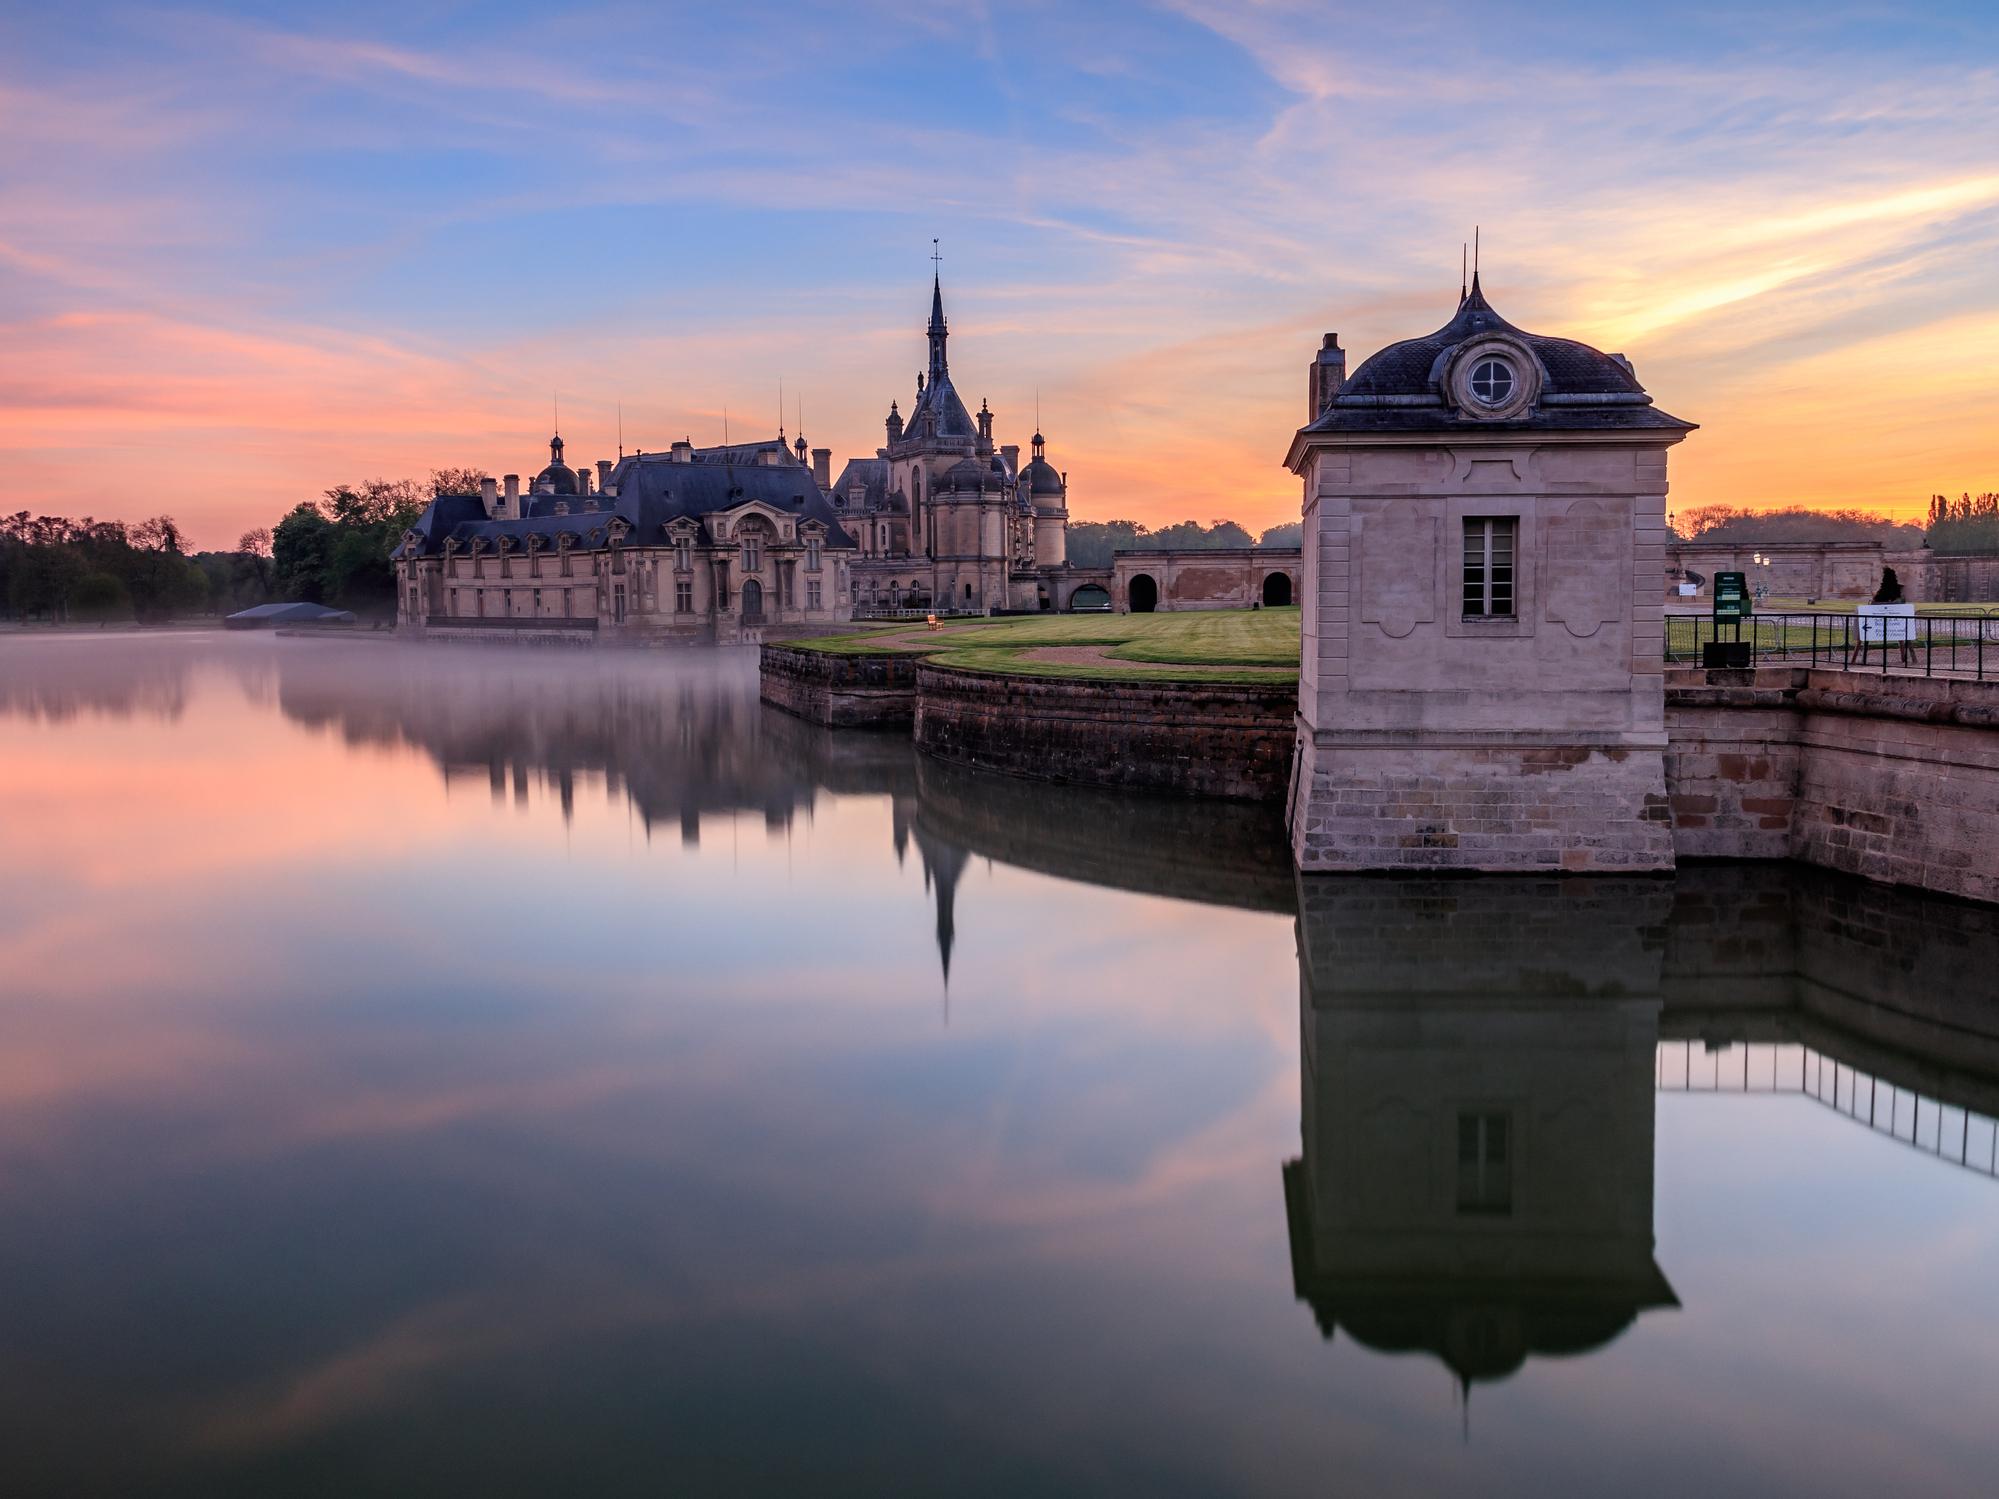 财政部长会议于7月17日至18日在尚蒂伊(Chantilly)举行